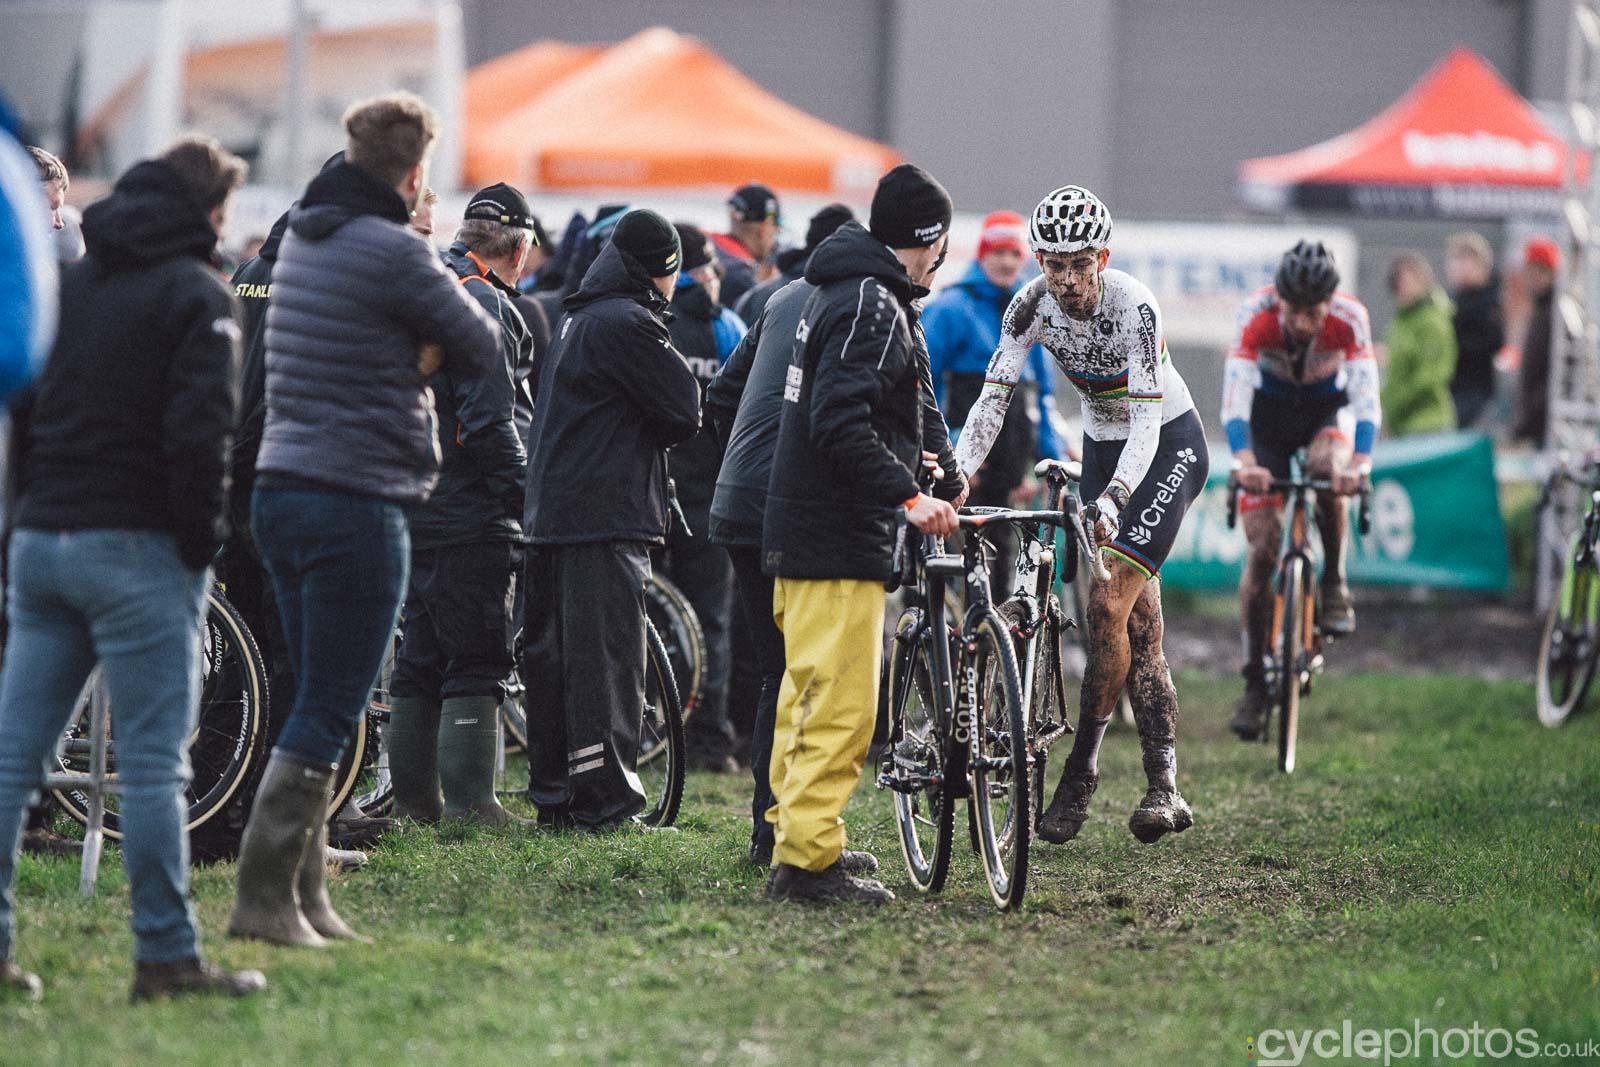 2016-cyclephotos-cyclocross-hoogstraten-153342-wout-van-aert